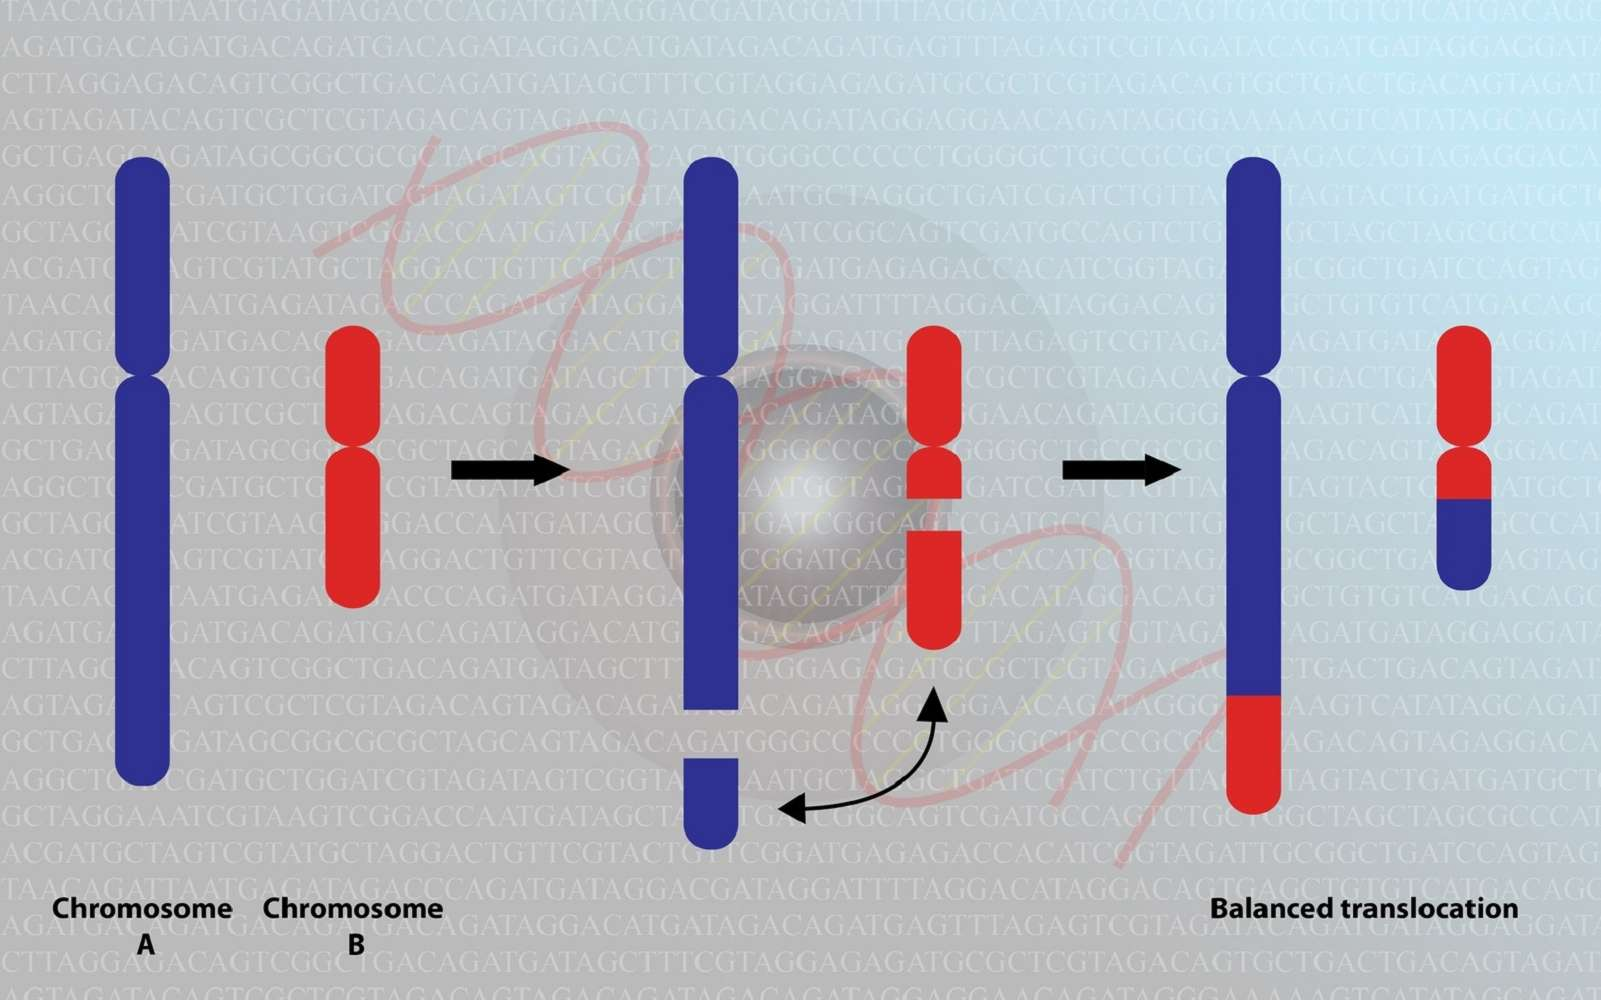 Une translocation réciproque entre chromosomes non homologues conduit à un échange de matériel génétique. © meletver, Fotolia